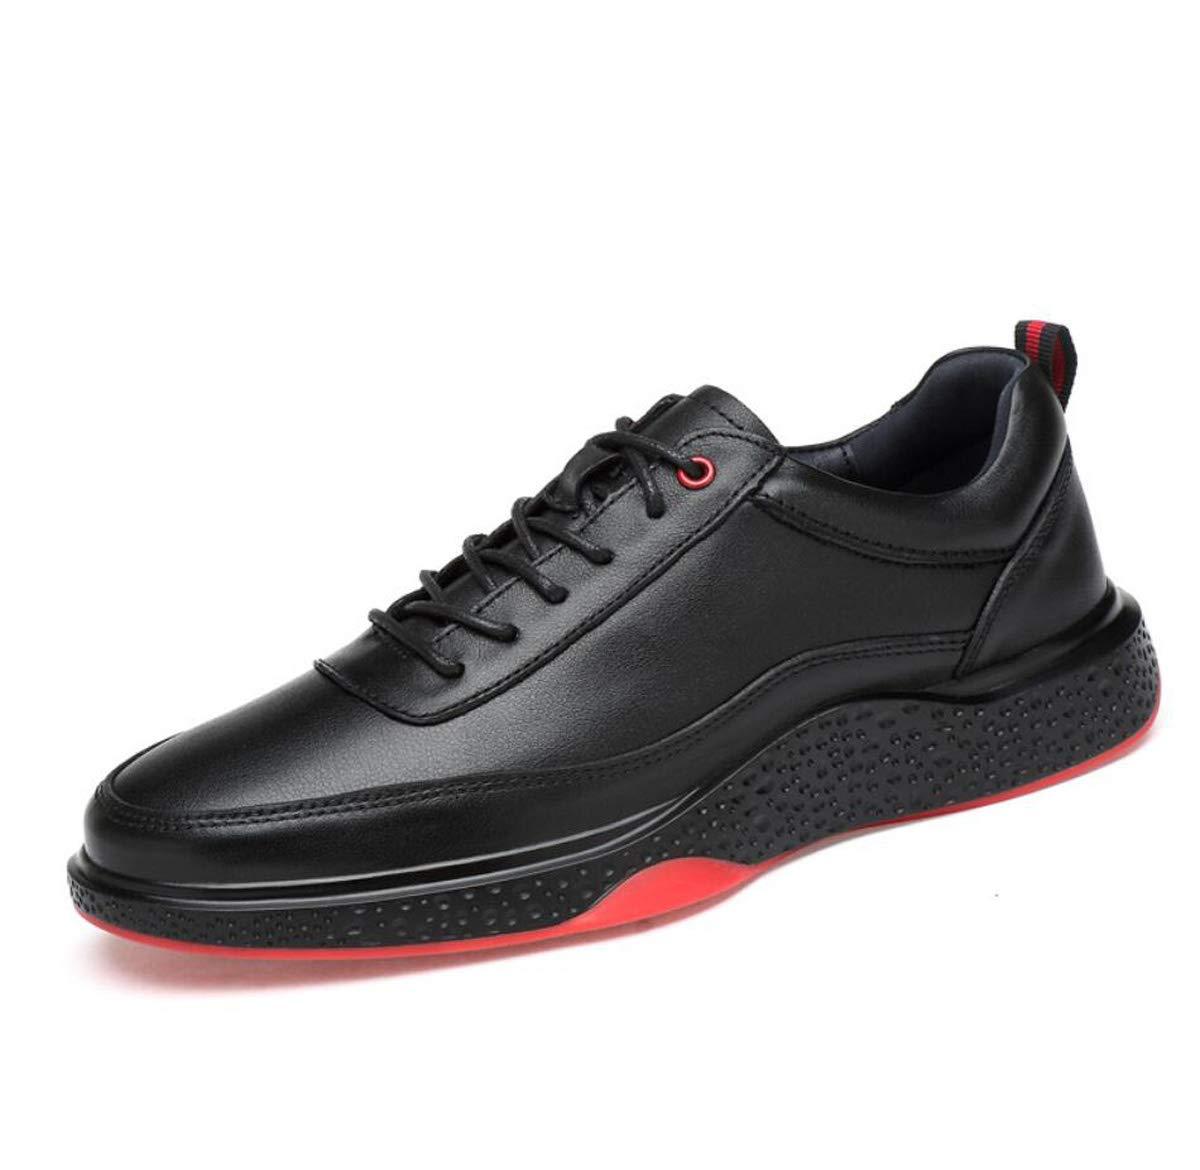 DANDANJIE Männer Casual Laufschuhe Schnüren Mode Schuhe Turnschuhe 2019 Frühling Herbst Schwarz